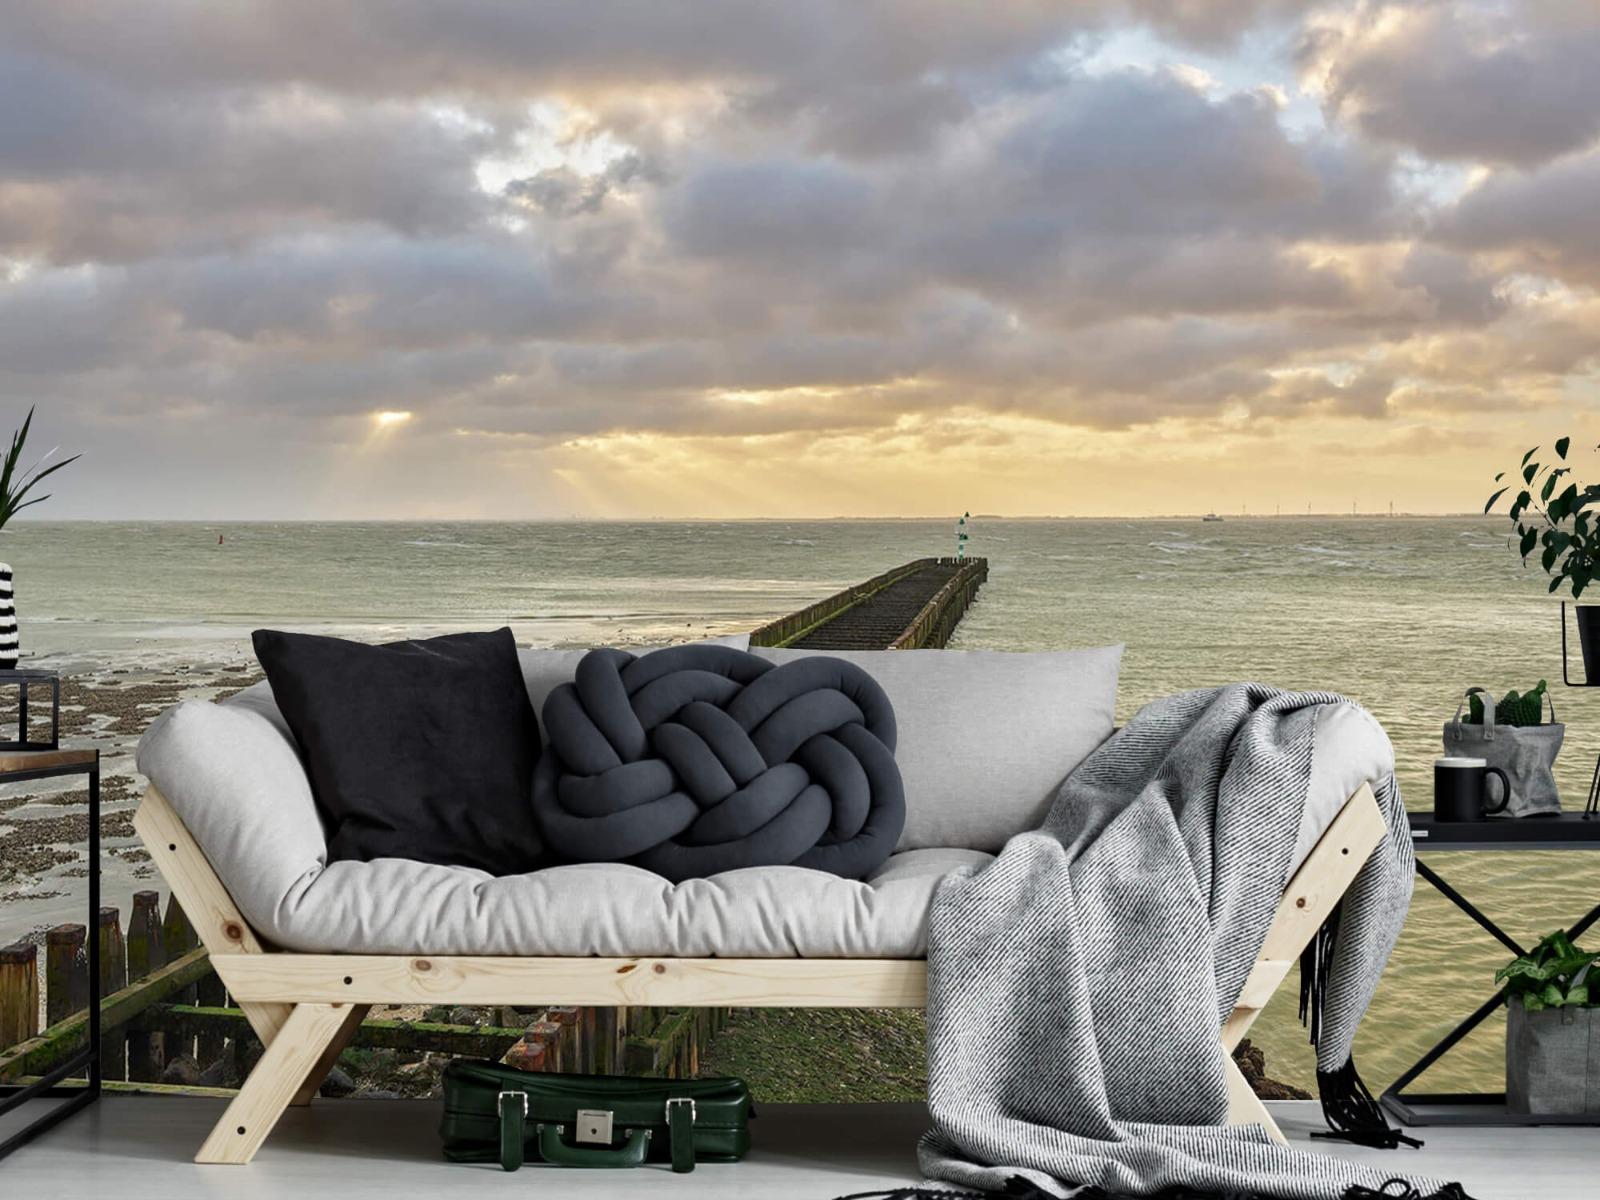 Zeeën en Oceanen - Golfbreker aan de kust - Slaapkamer 7